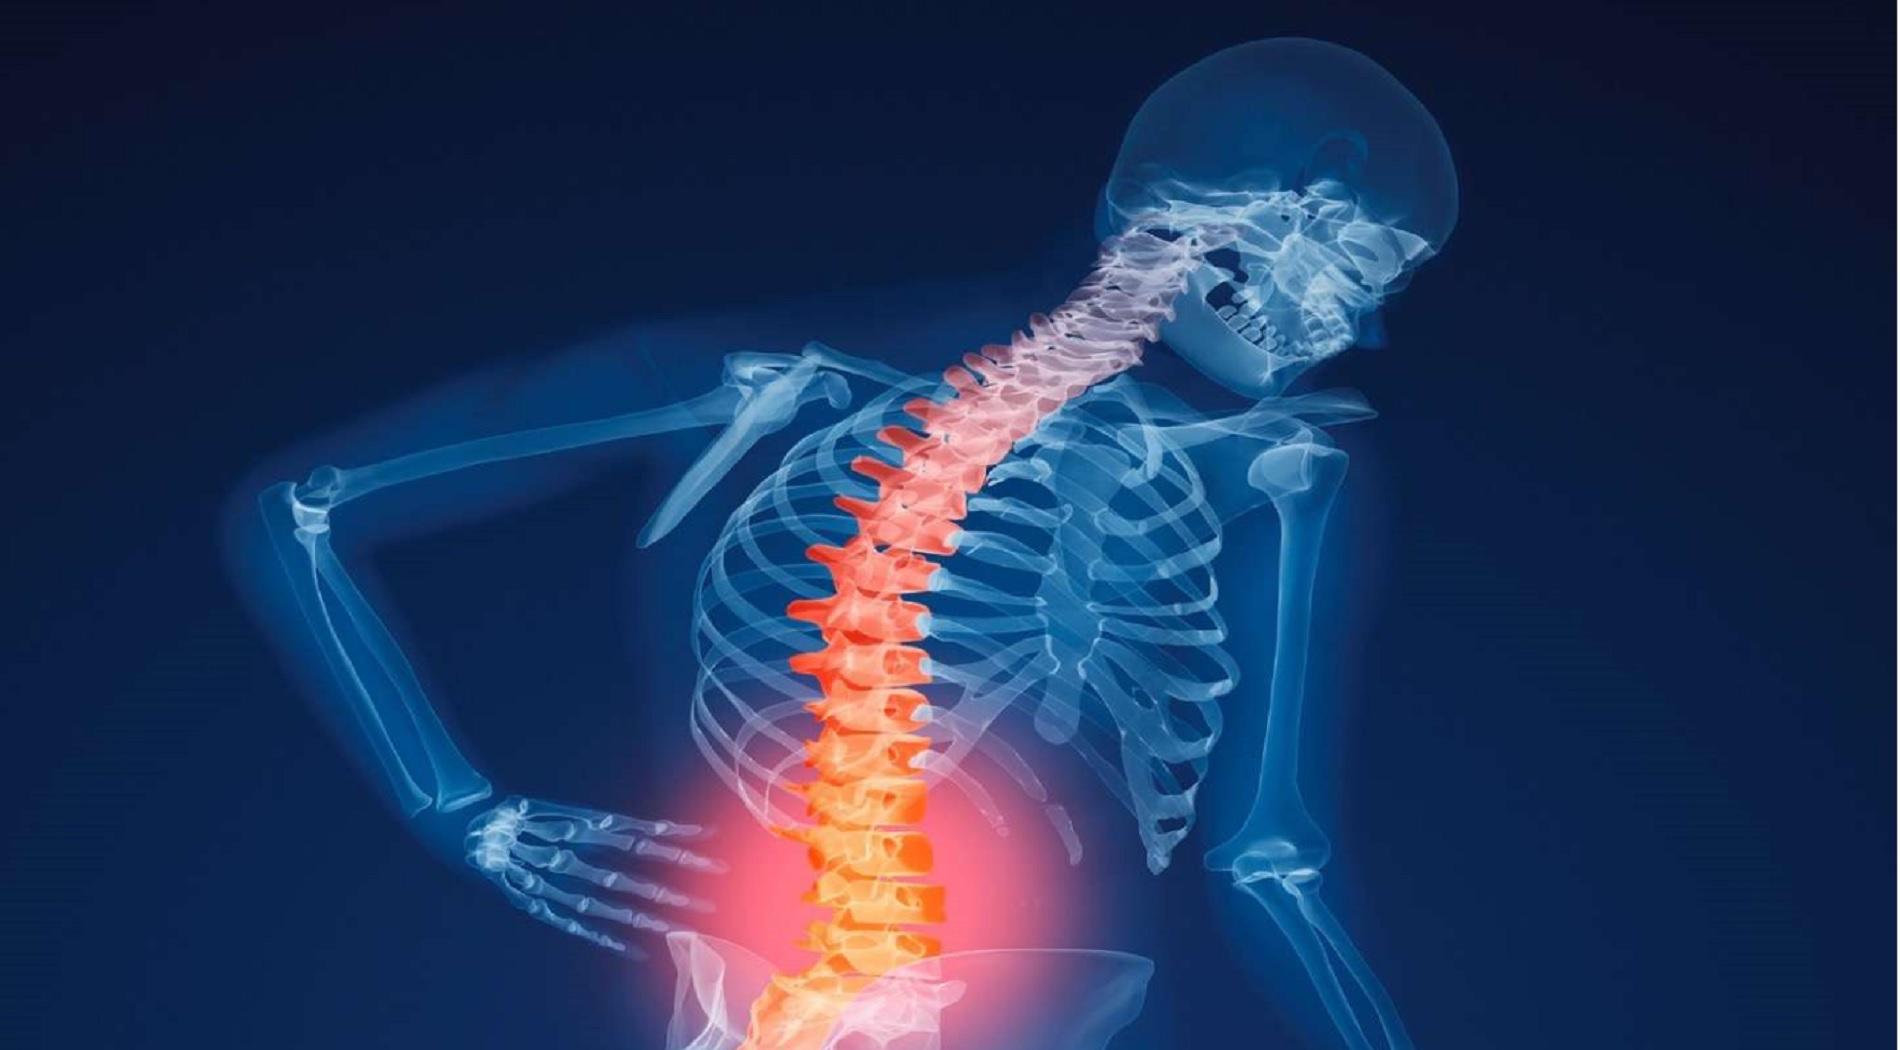 Ανακαλύφθηκε παράγοντας που αποδυναμώνει τα οστά